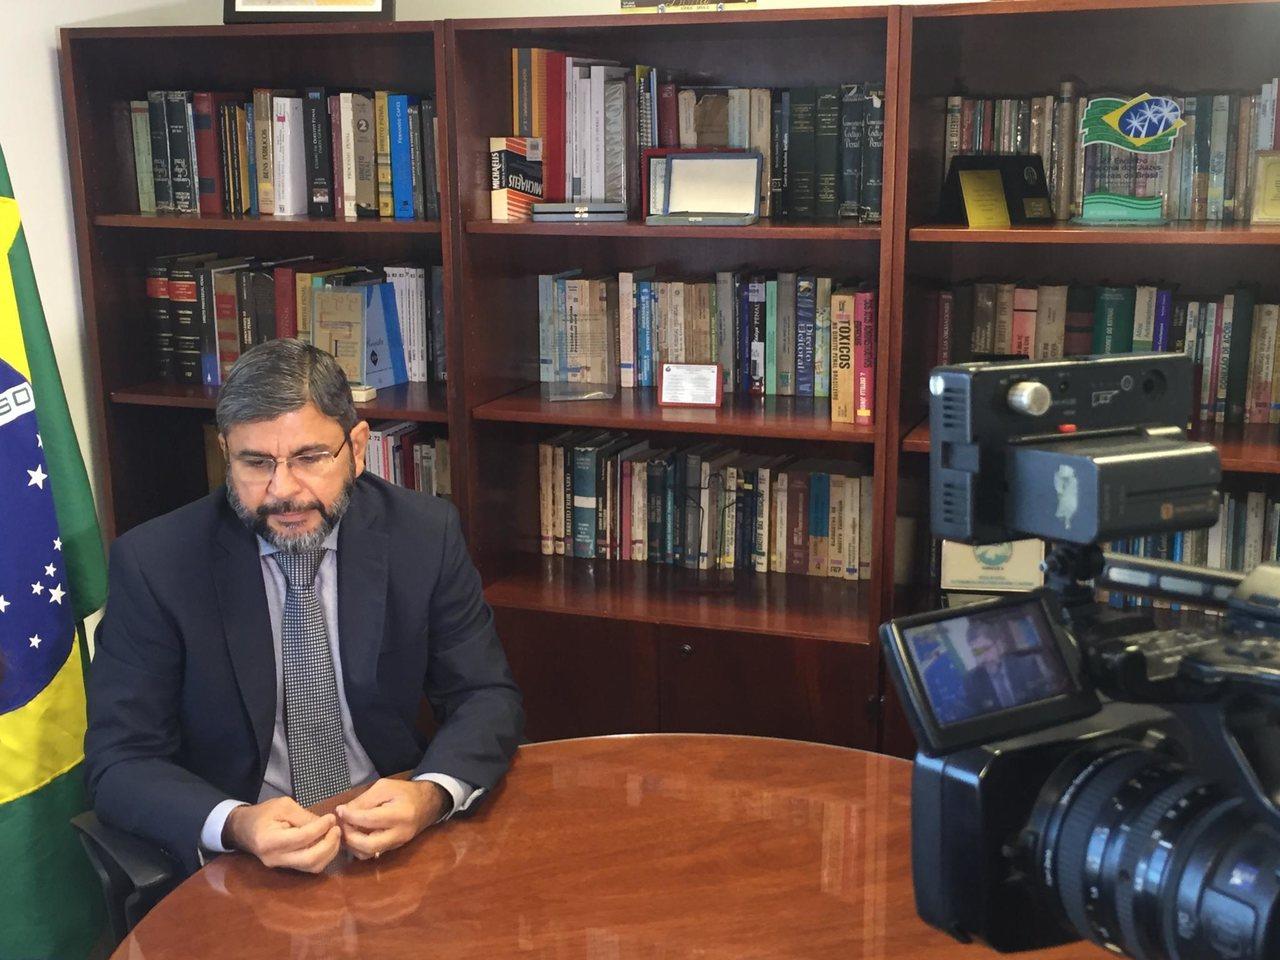 Juiz Federal do RN integra grupo de estudo sobre implantação do juiz de garantia